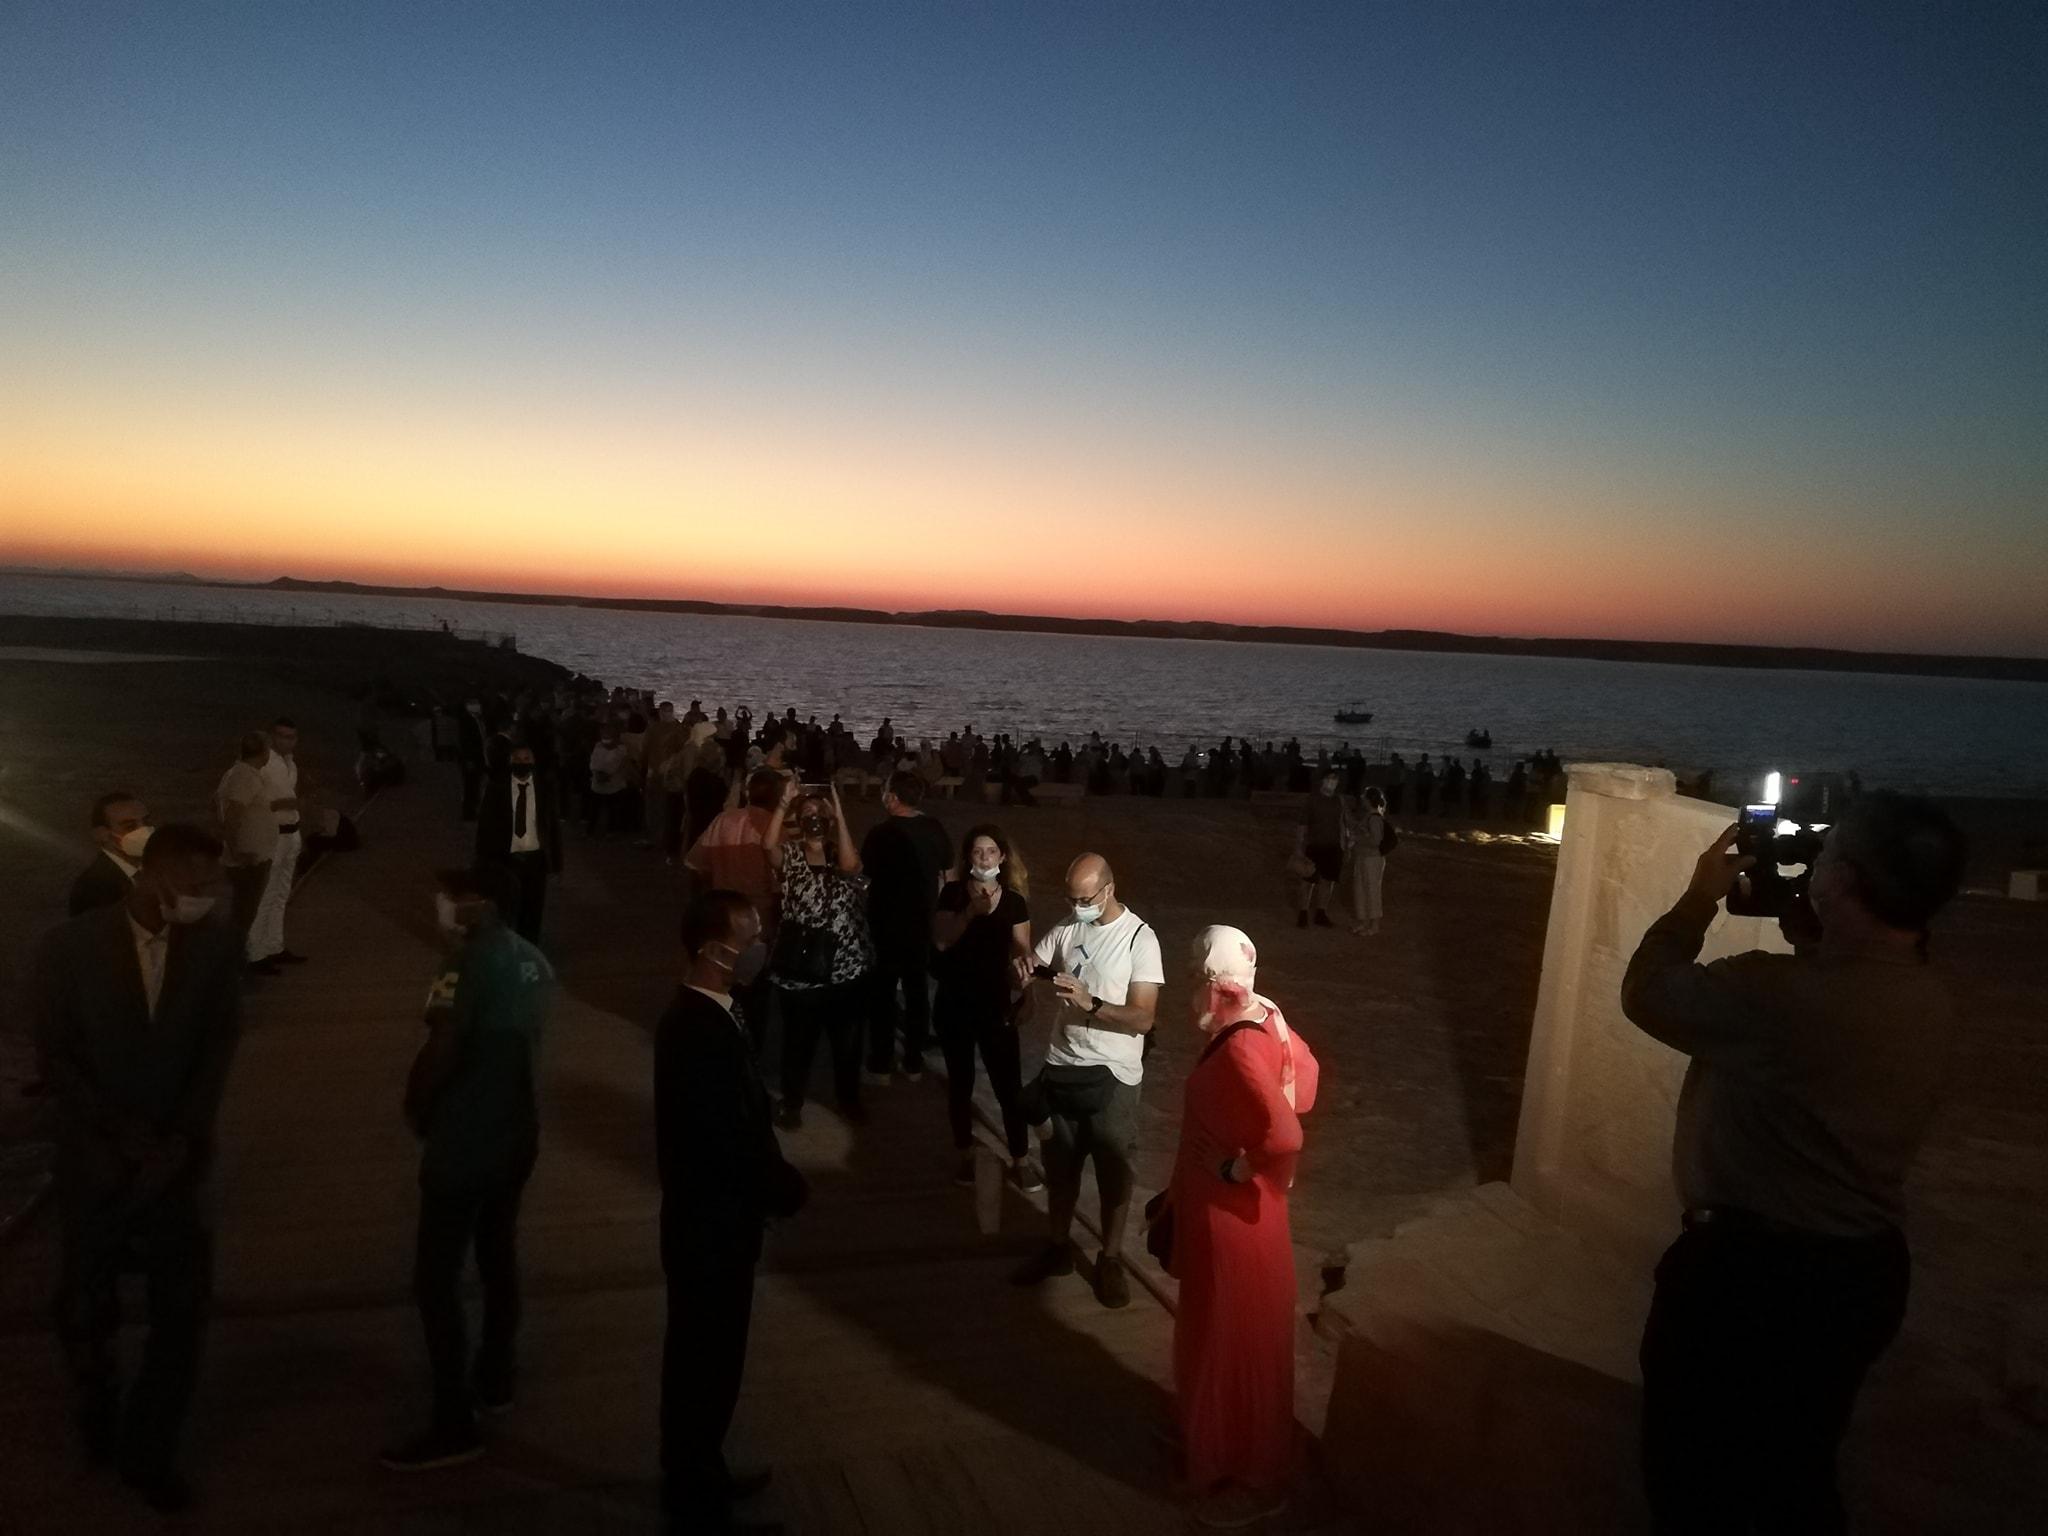 المئات يتابعون تعامد الشمس بأبوسمبل (4)